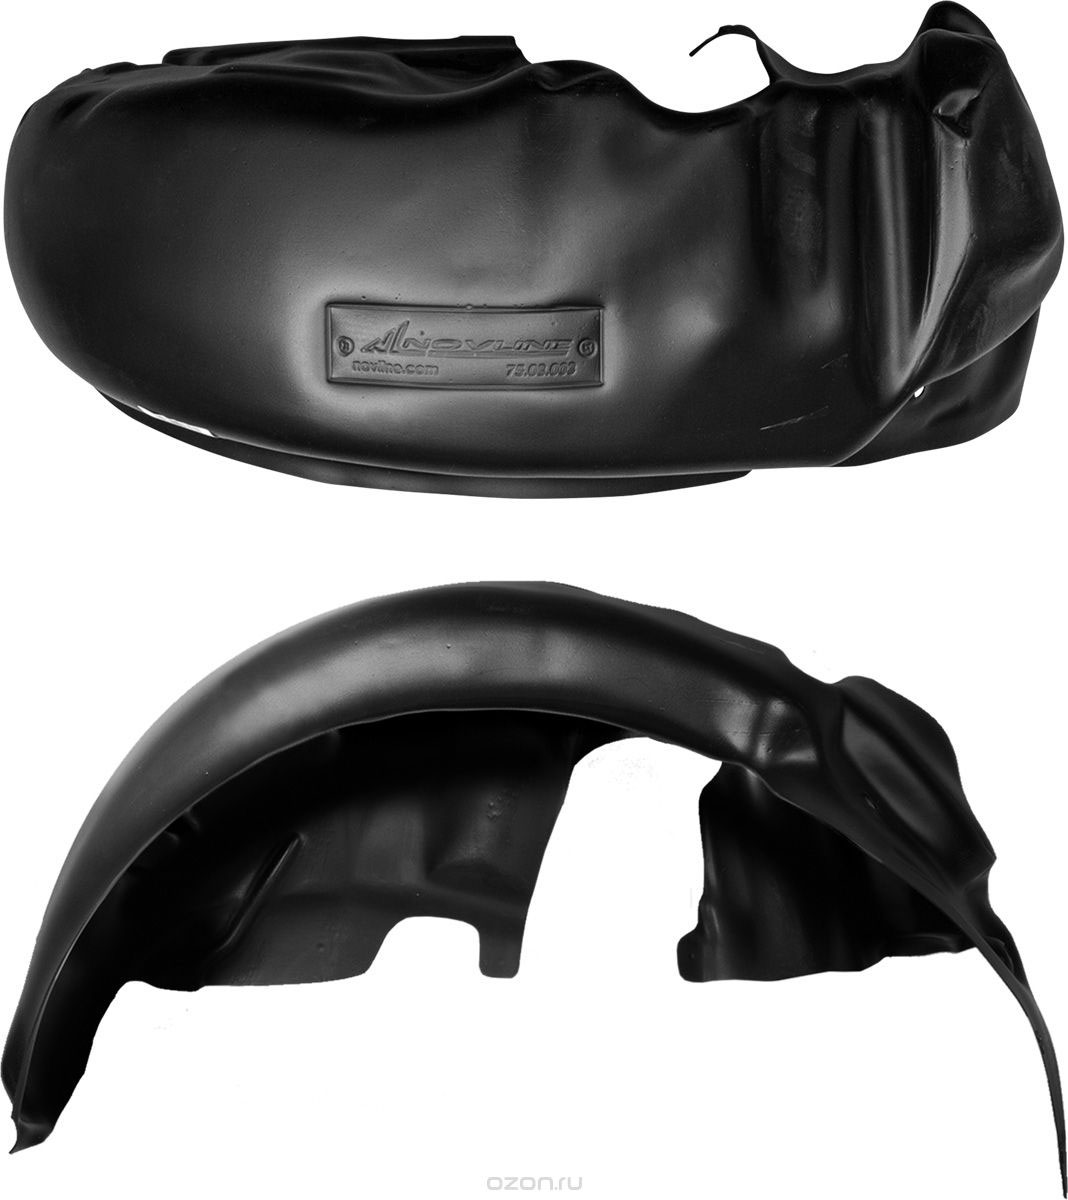 Подкрылок Novline-Autofamily, для ISUZU D-MAX, 04/2016->, Пикап, передний левый44005003Идеальная защита колесной ниши. Локеры разработаны с применением цифровых технологий, гарантируют максимальную повторяемость поверхности арки. Изделия устанавливаются без нарушения лакокрасочного покрытия автомобиля, каждый подкрылок комплектуется крепежом. Уважаемые клиенты, обращаем ваше внимание, что фотографии на подкрылки универсальные и не отражают реальную форму изделия. При этом само изделие идет точно под размер указанного автомобиля.